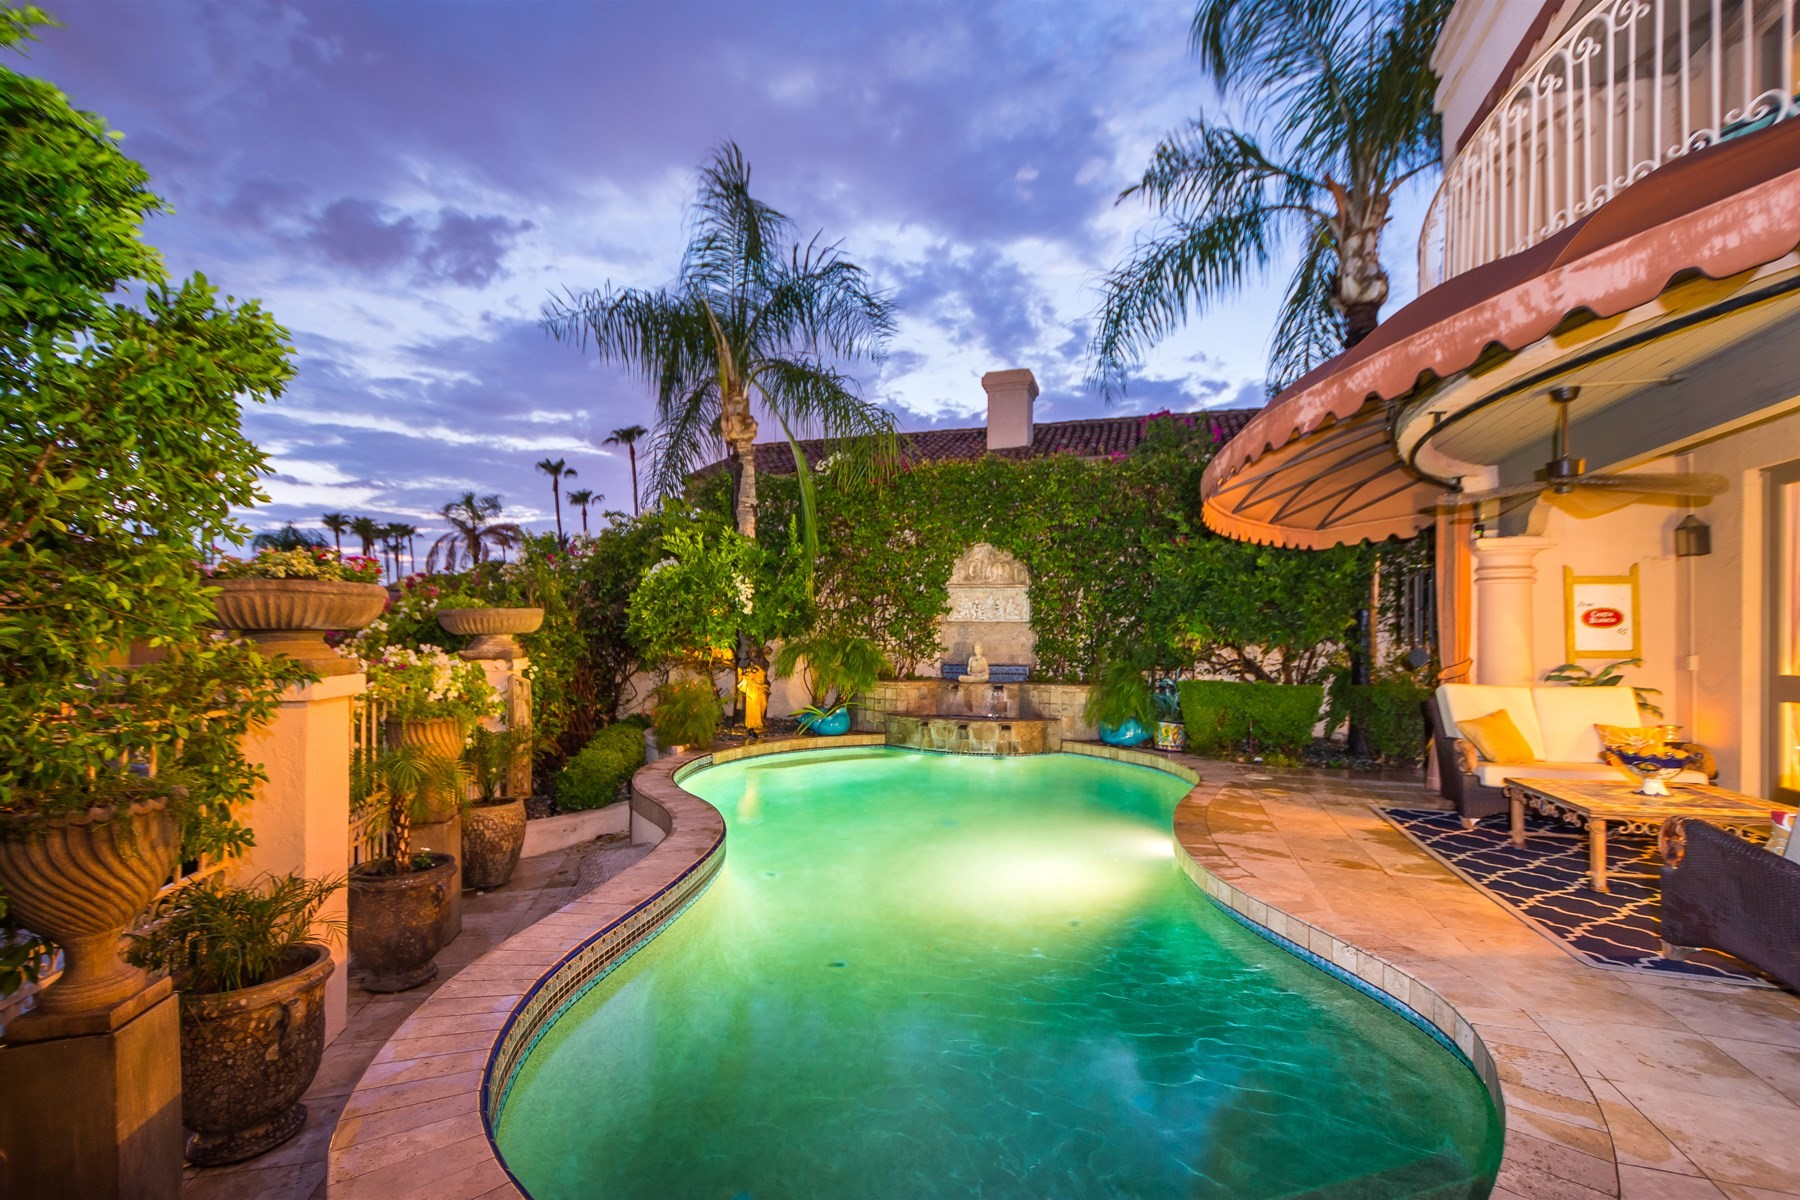 Nhà phố vì Bán tại Stunning home on the lake in Las Brisas gated community 10109 E Topaz Dr Scottsdale, Arizona, 85258 Hoa Kỳ